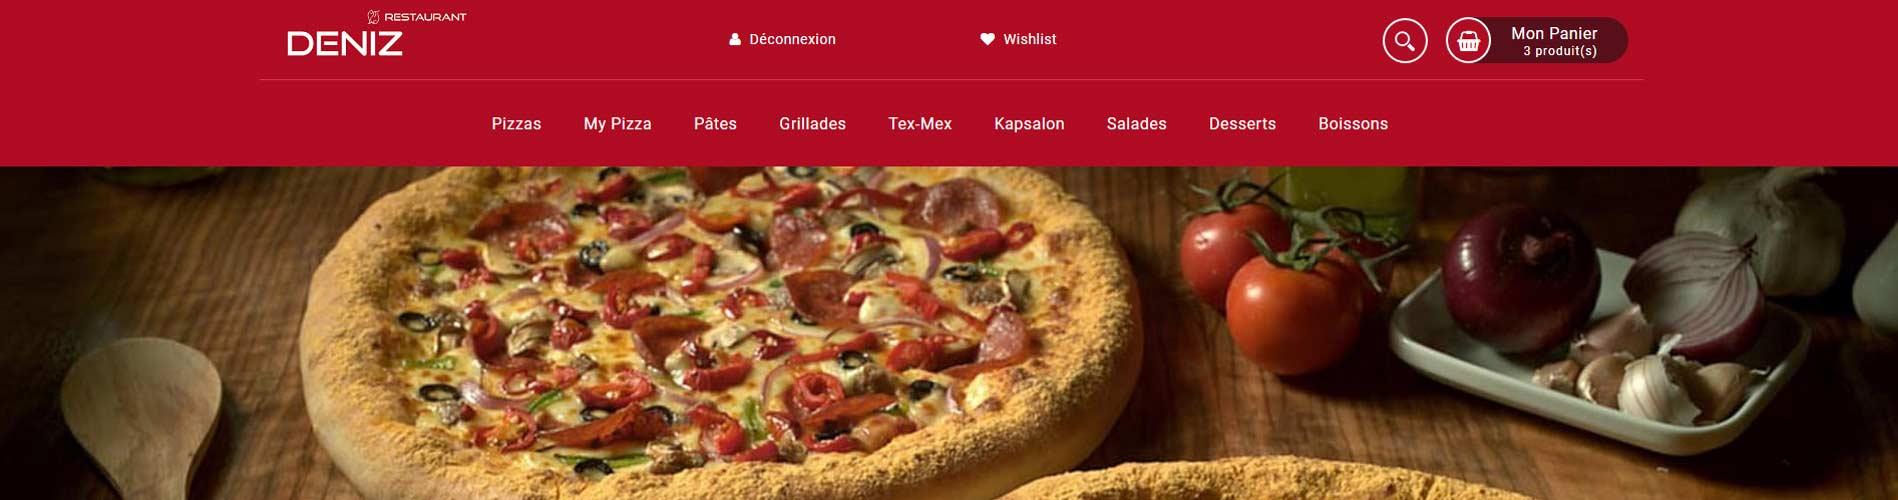 Vente en ligne et livraison de pizza à Roubaix